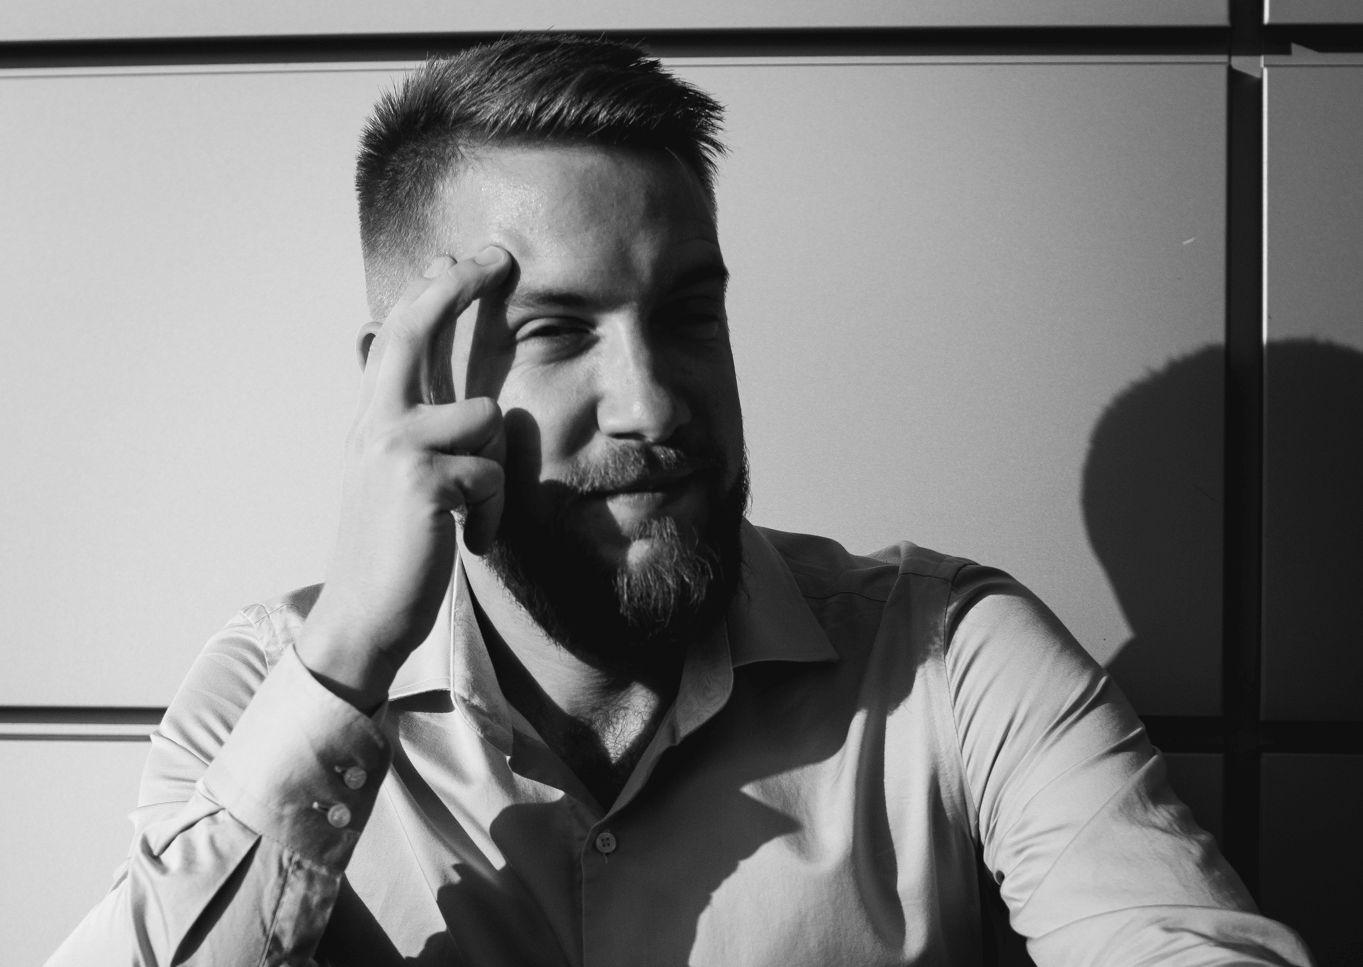 A najednou přijde nucená izolace a člověk zjistí, že to má obří limity. FOTO: Patrik Šimr